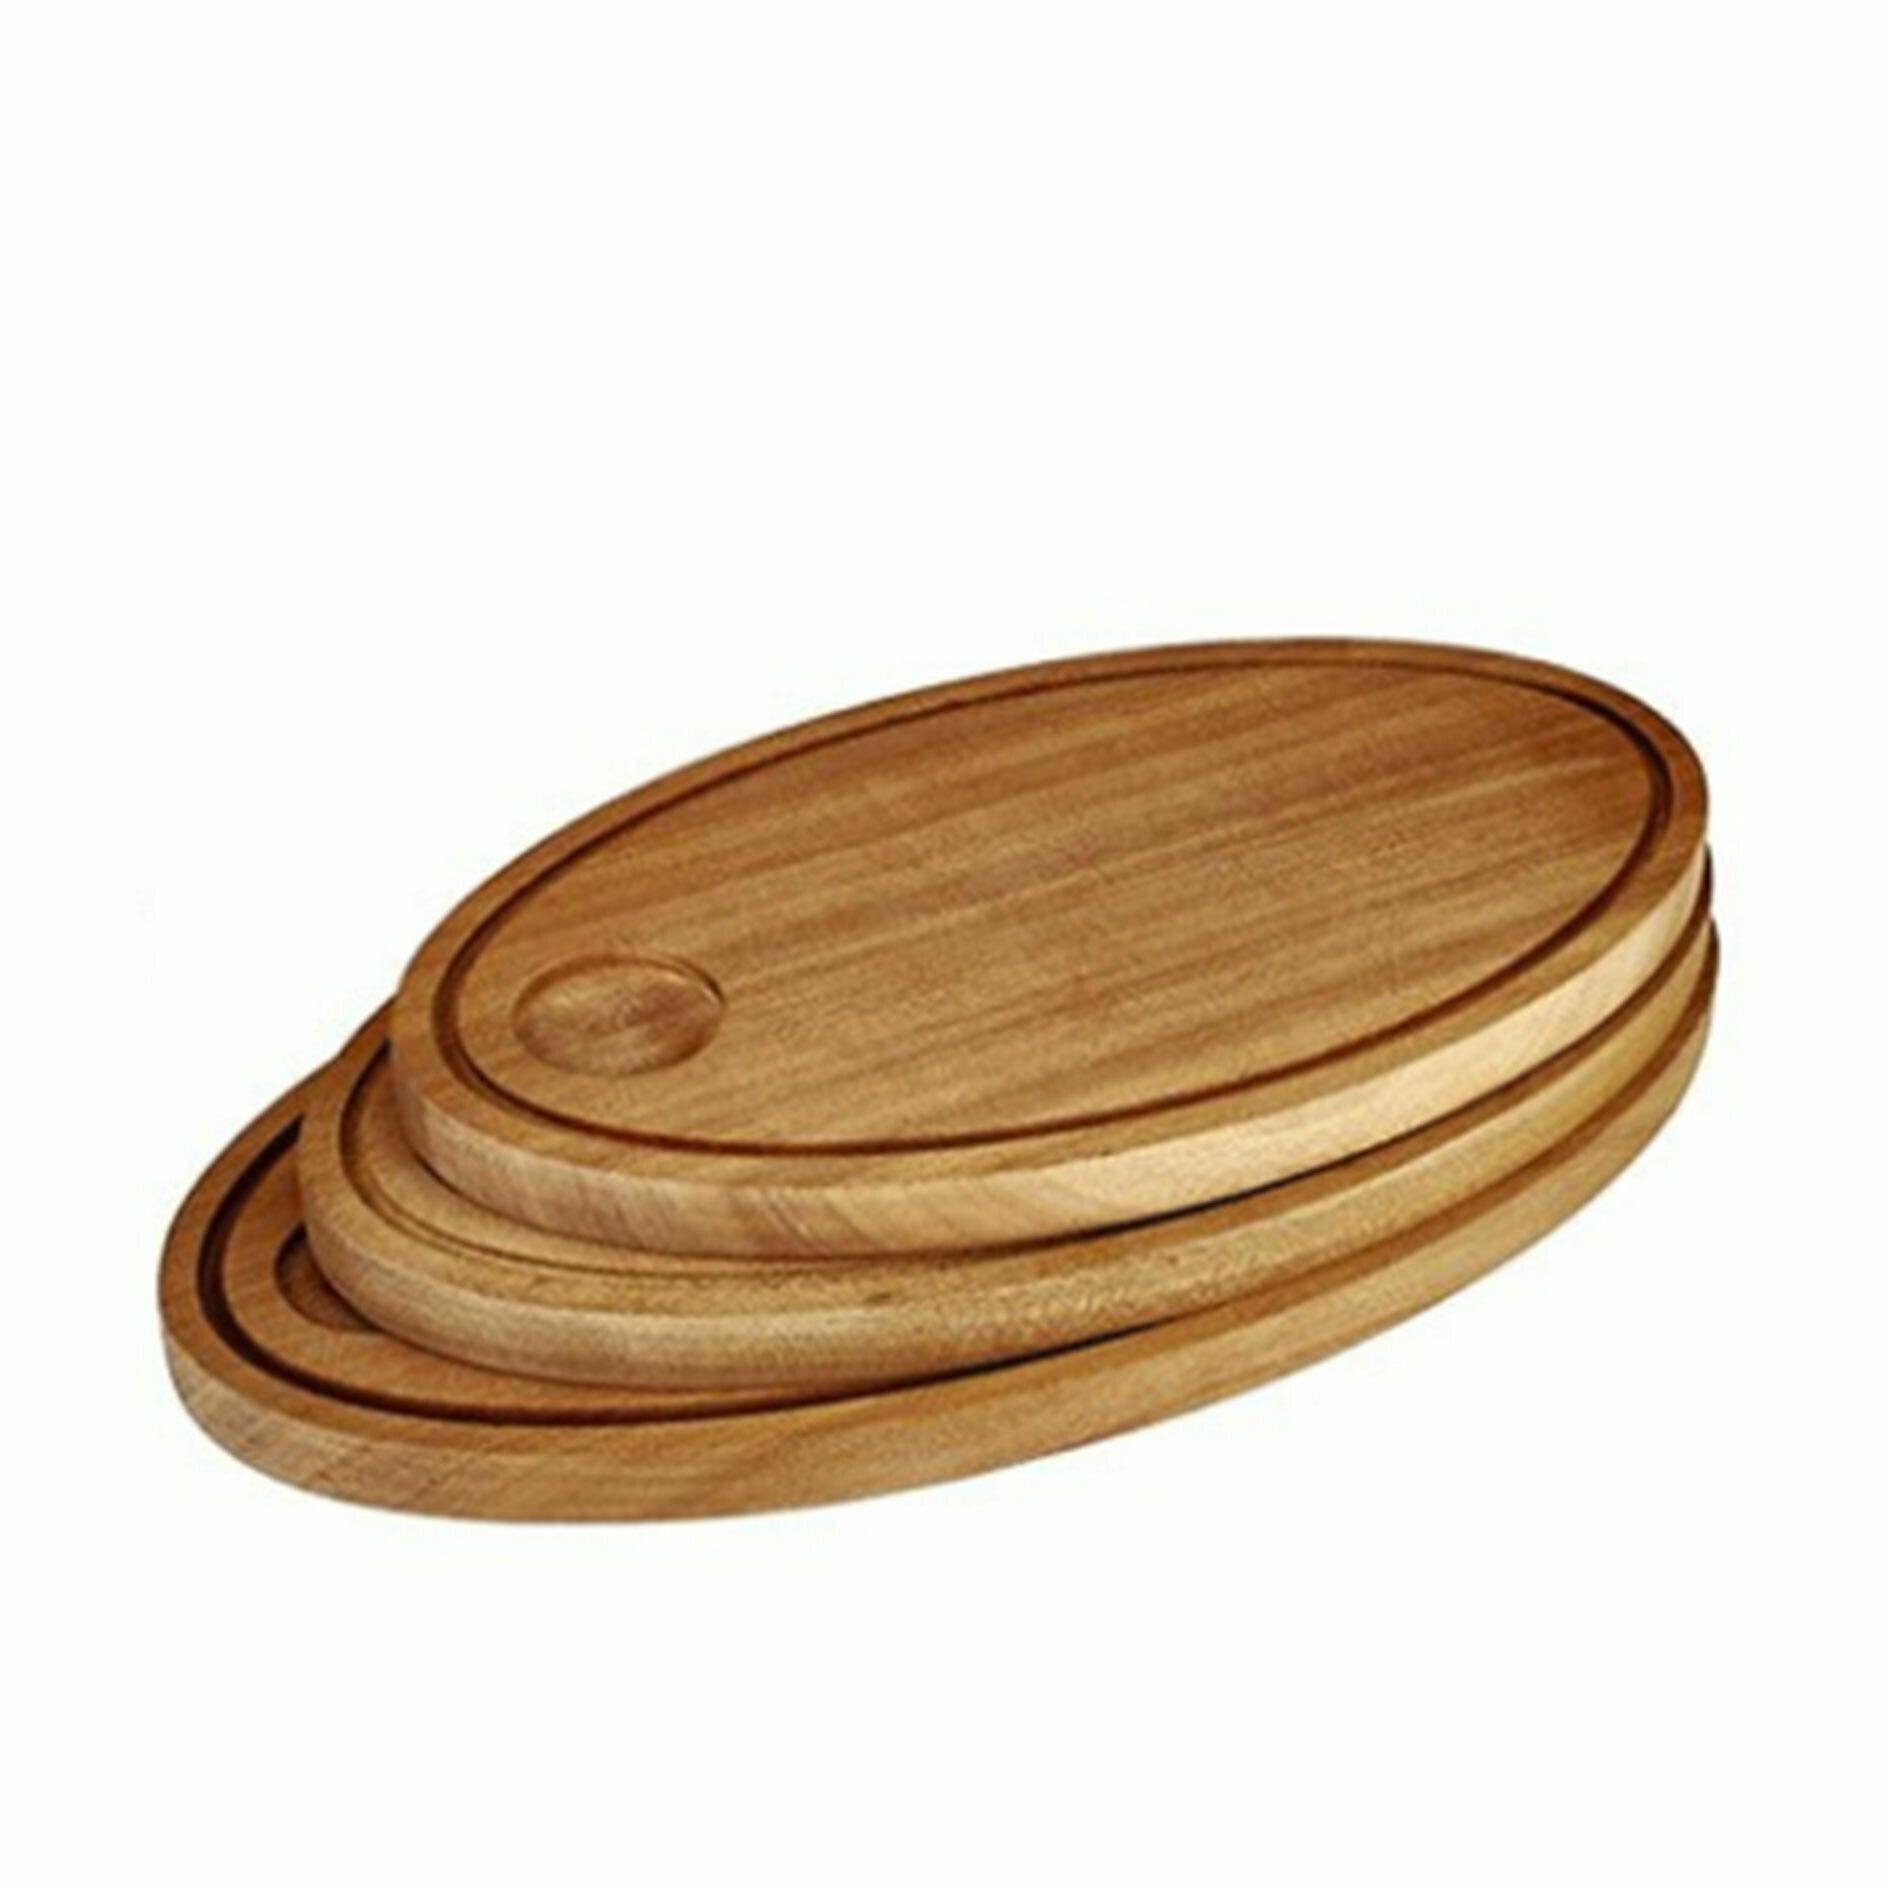 tabla-de-madera-para-presentacion-o-corte-en-la-mesa-laurel